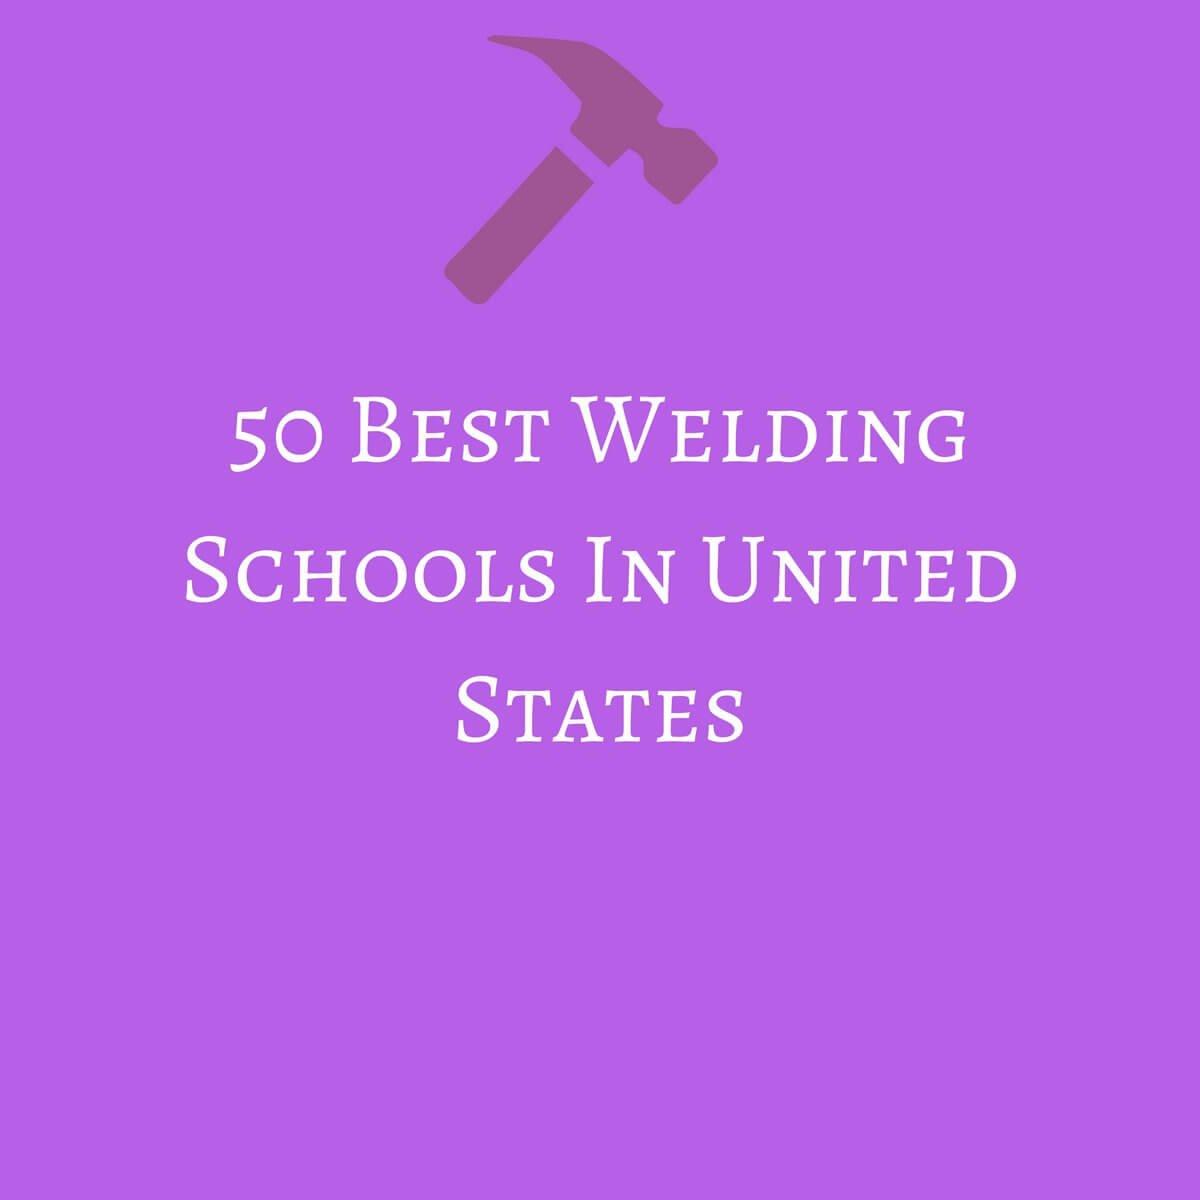 50 Best Welding Schools in the US